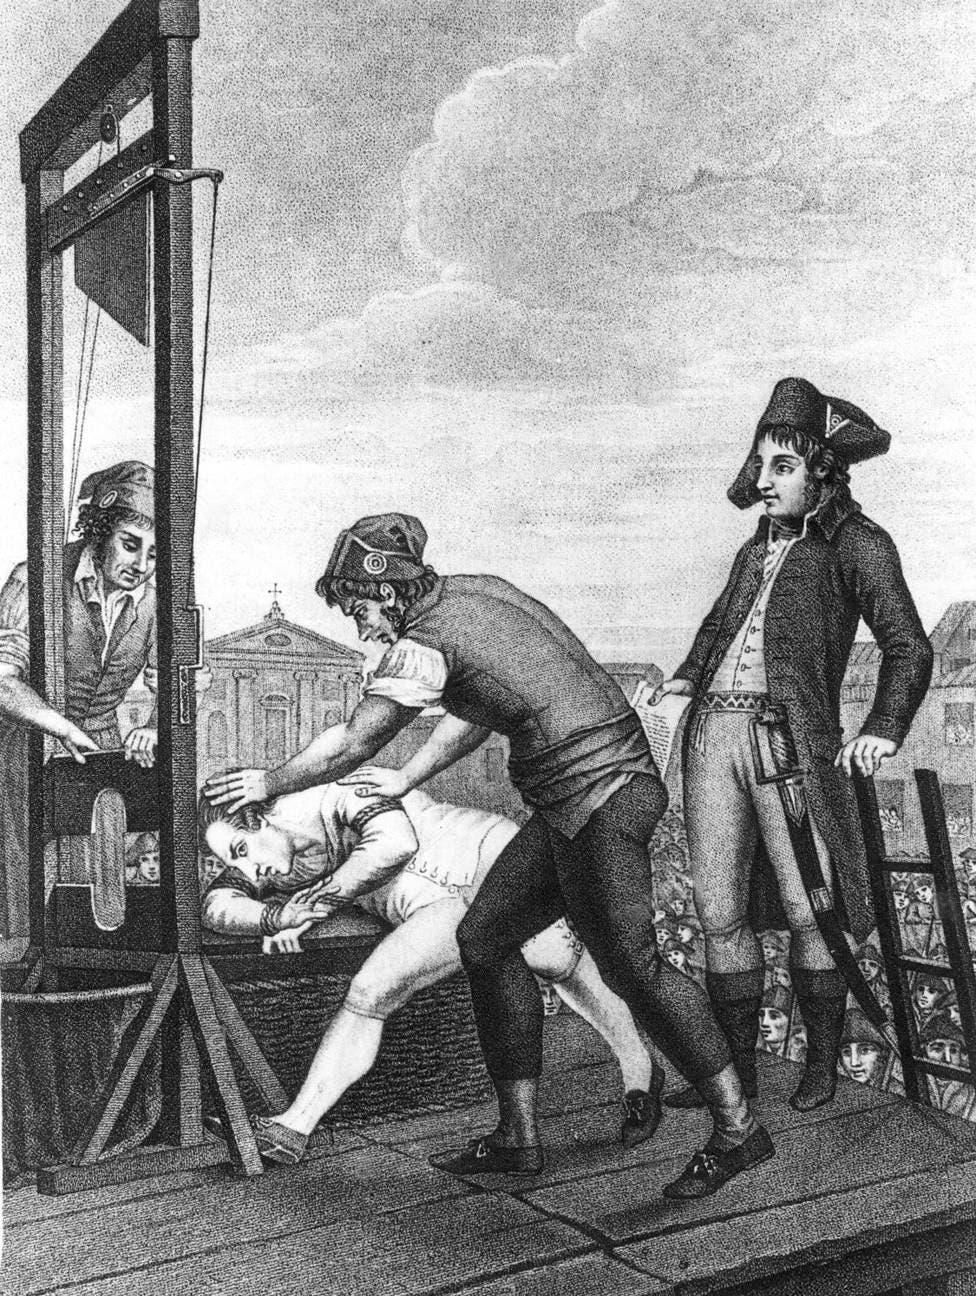 رسم تخيلي يجسد إعدام روبسبيار بالمقصلة